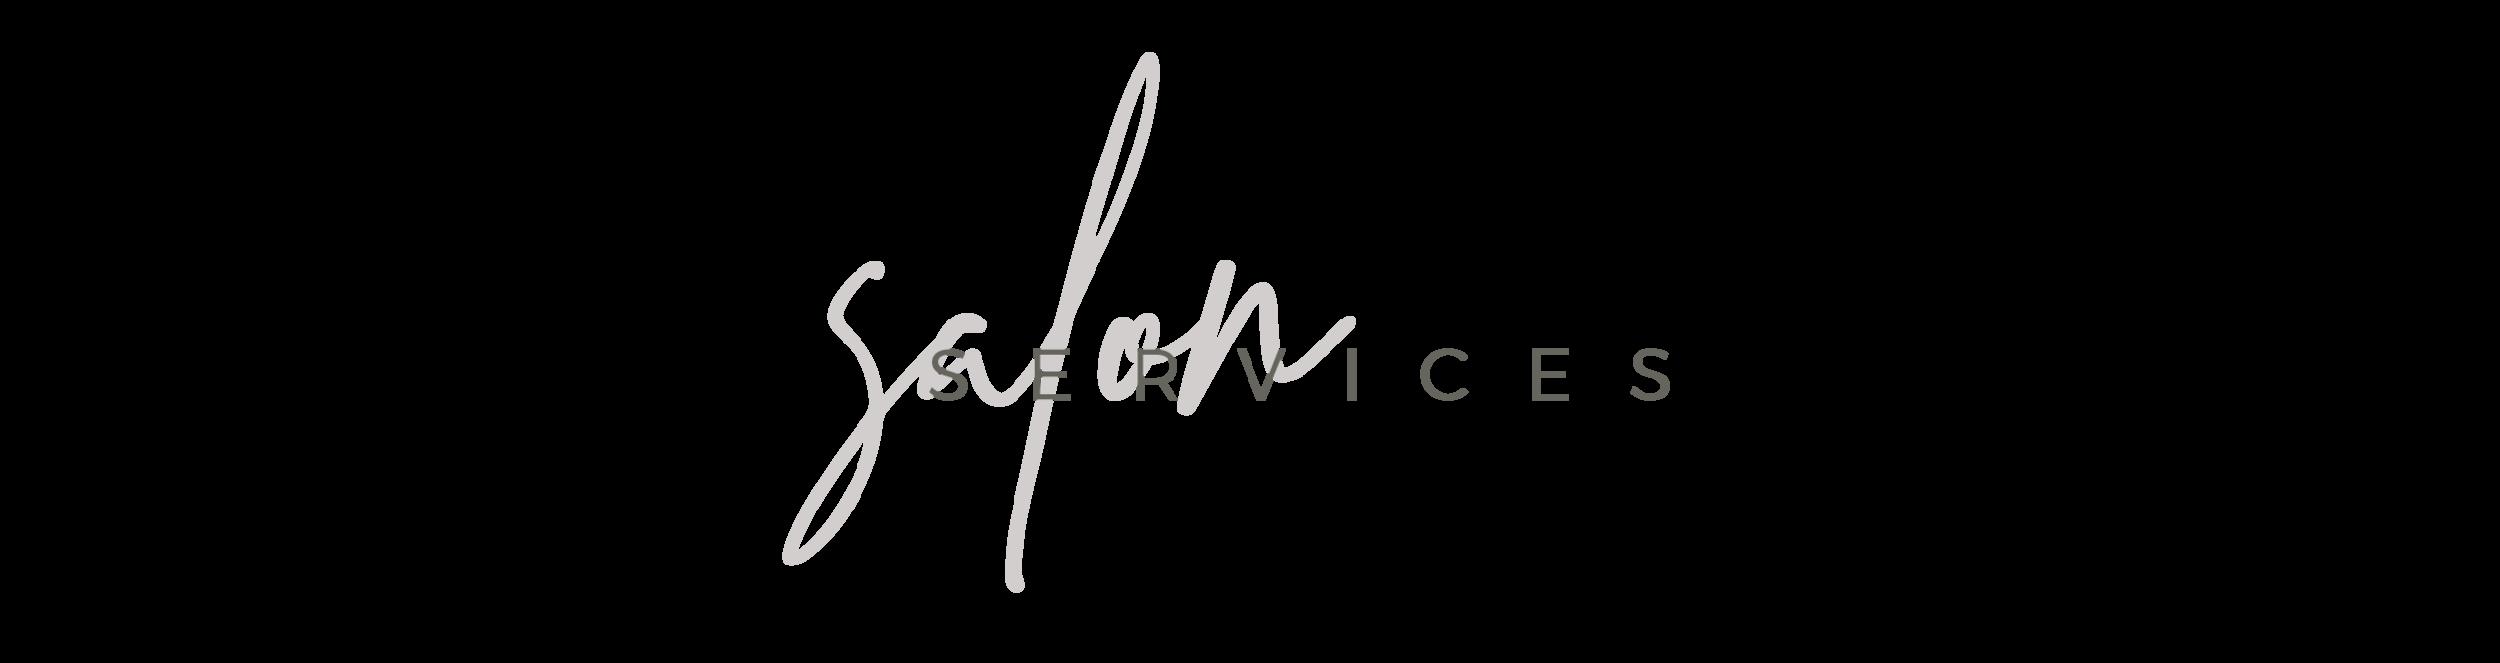 Salon Services Nicole Kaleel.png